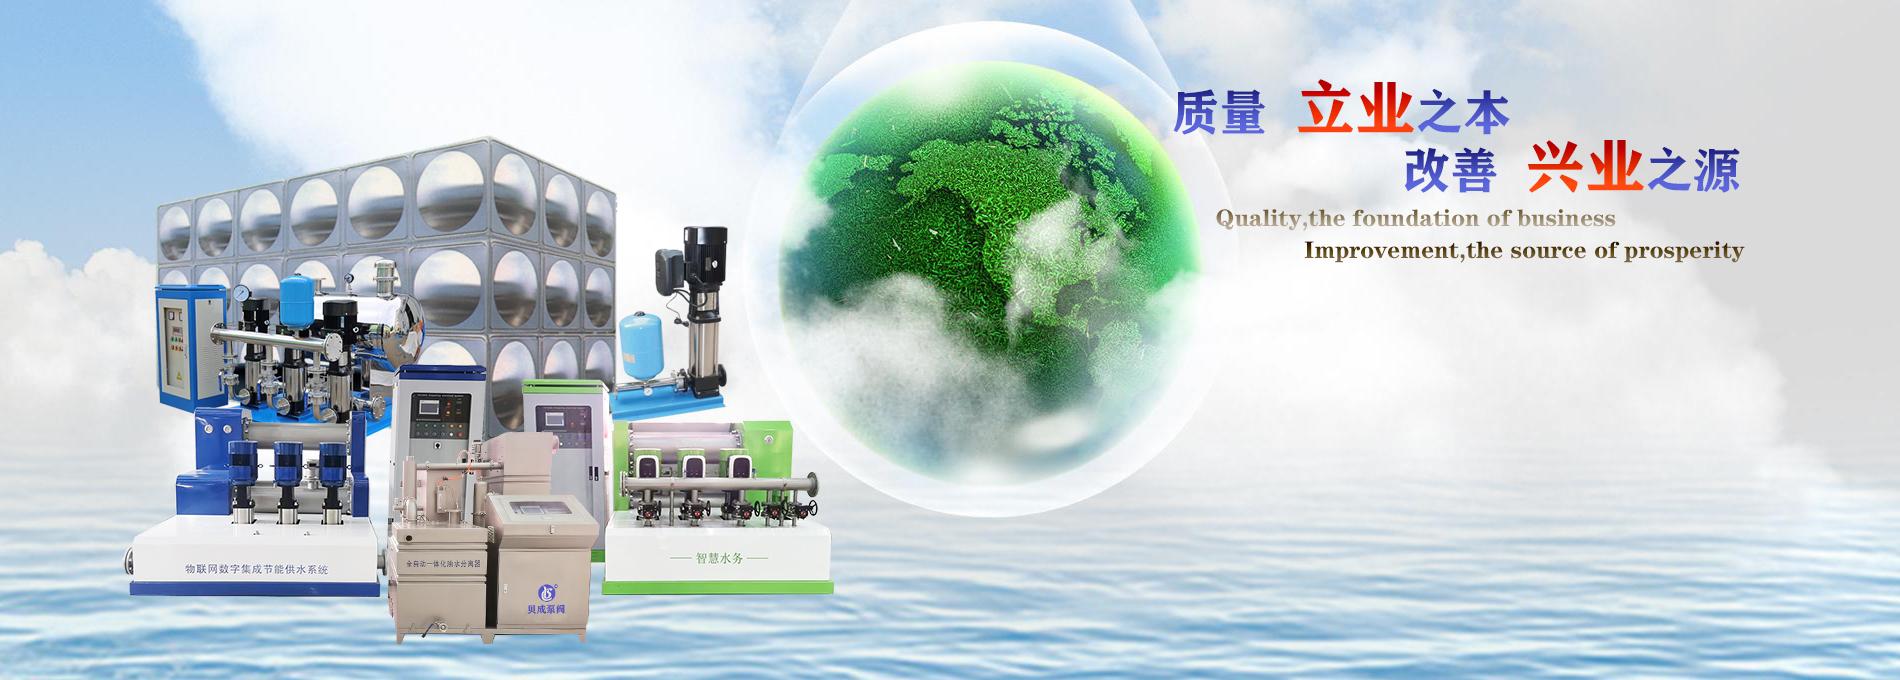 上海贝成泵阀有限公司